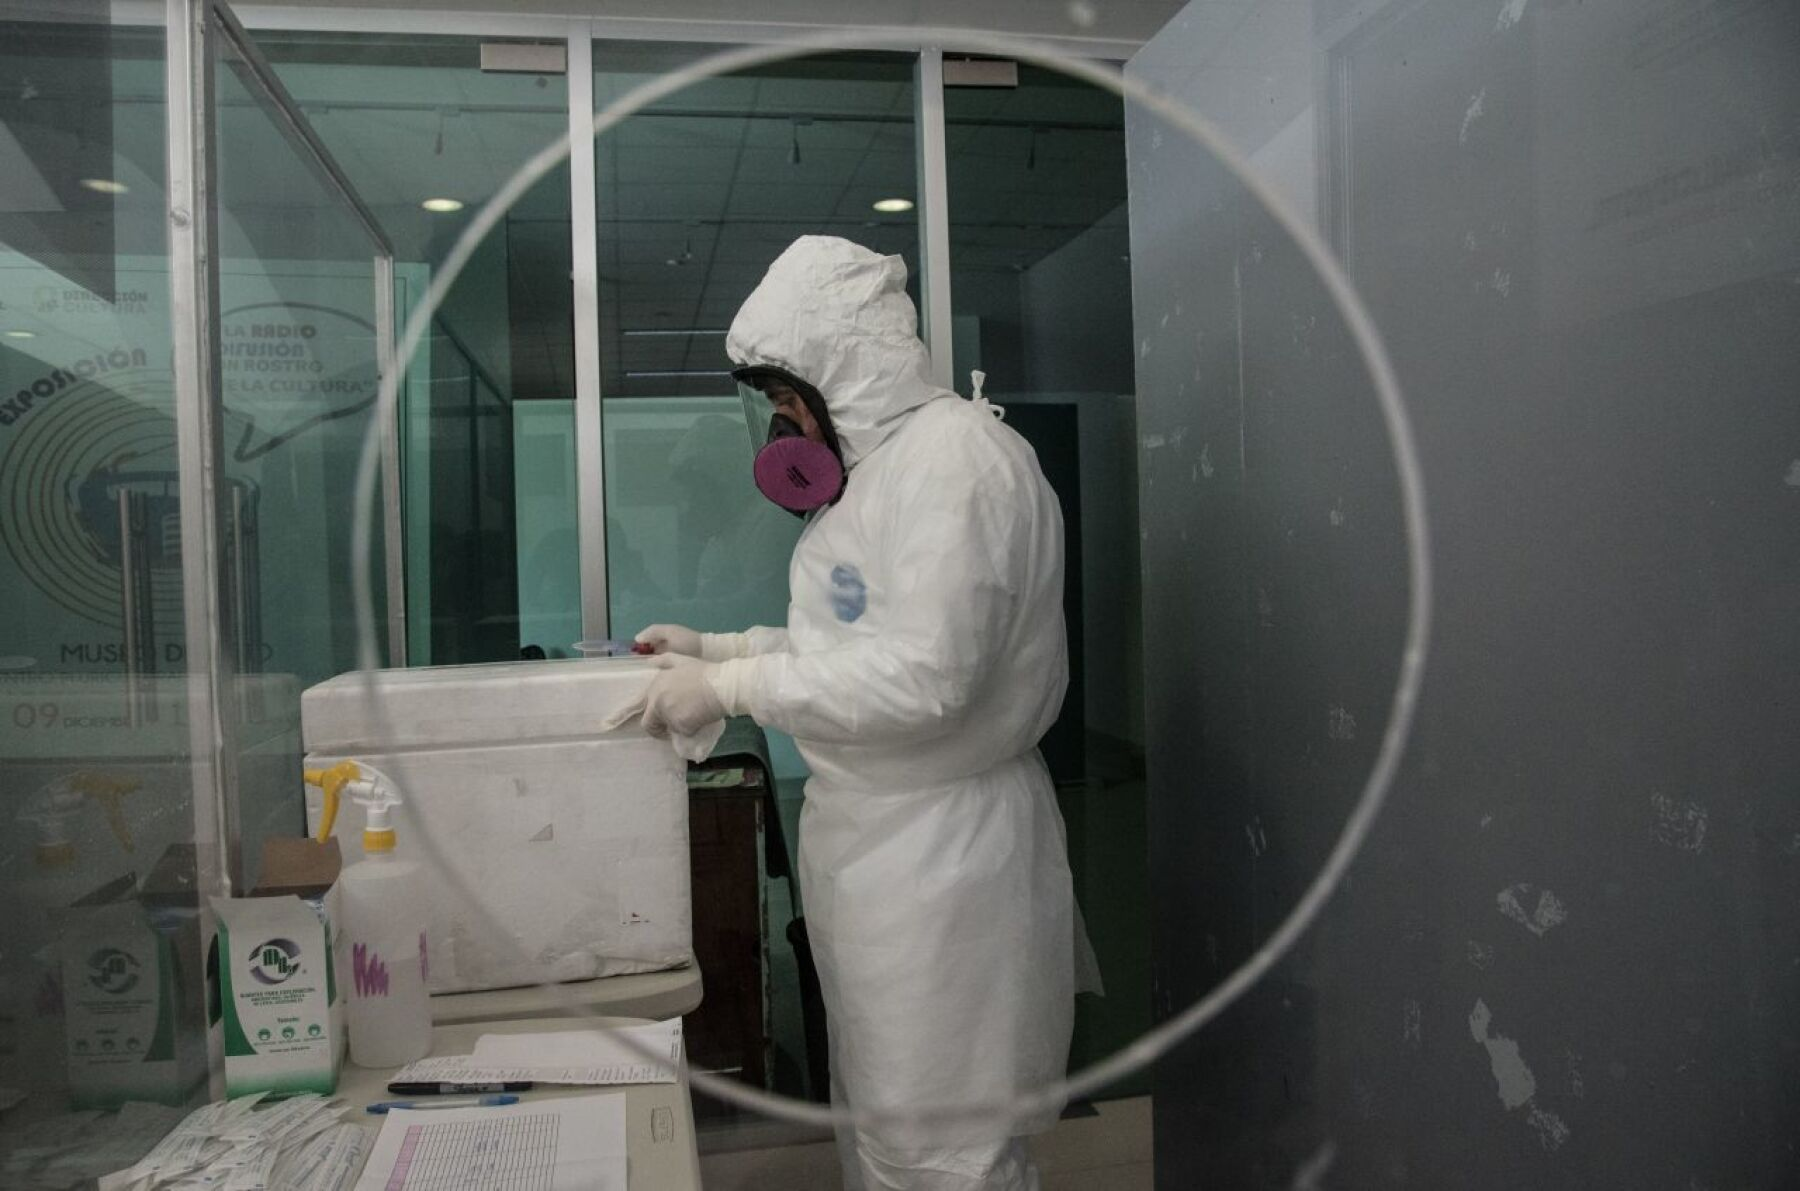 El Hospital Regional de Alta Especialidad de Iztapaluca realiza cerca de 500 pruebas para detectar covid-19 a vecinos de la entidad. La prueba incluye un registro sanguíneo para determinar si el virus es capaz de transmitirse por esta vía.. Las pruebas